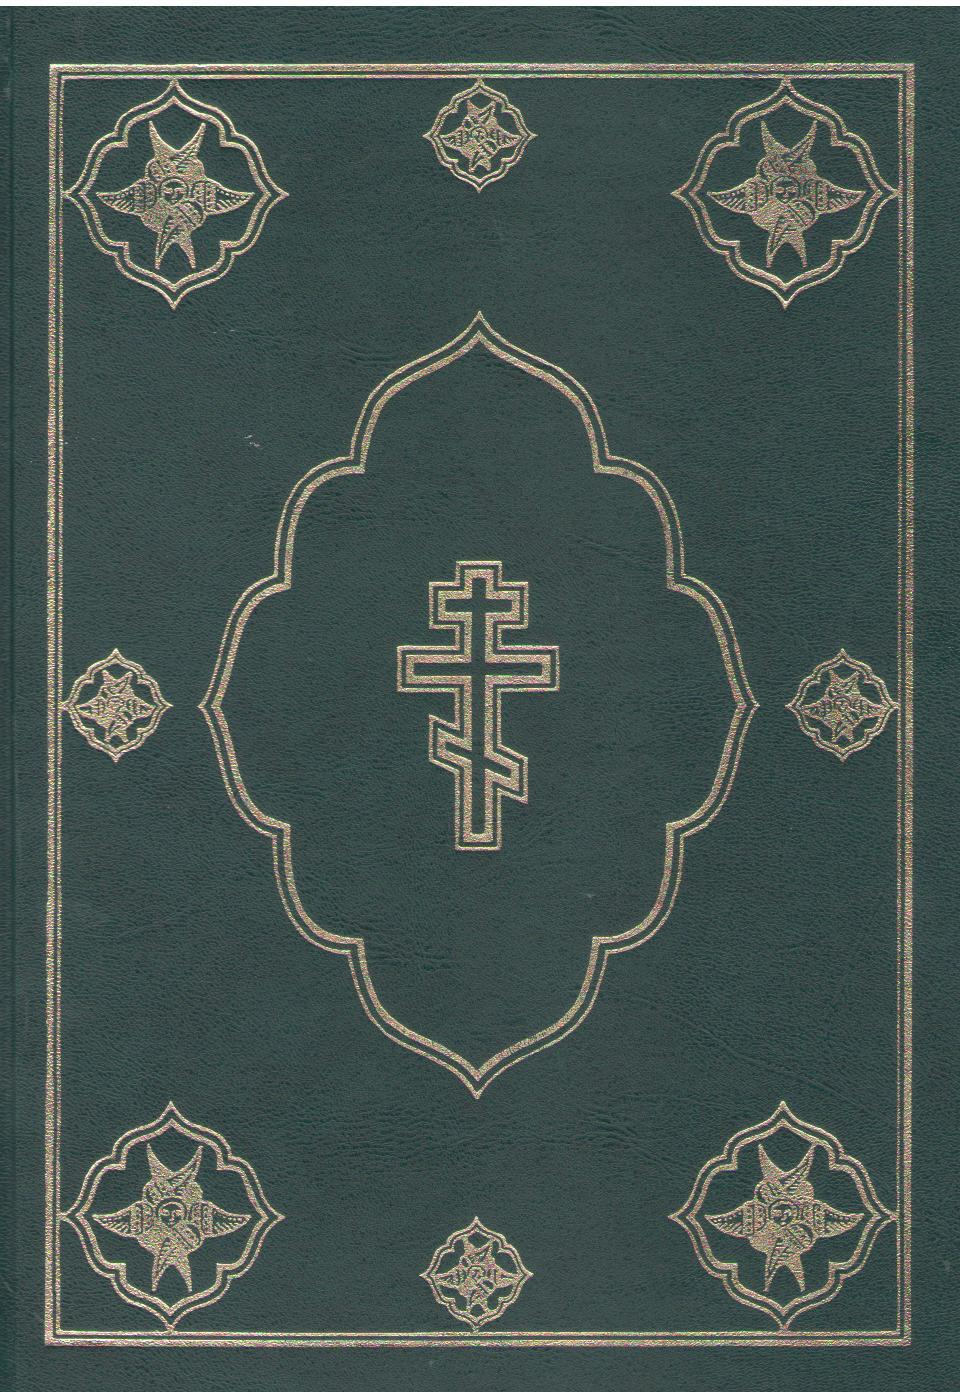 Обложка на библию своими руками